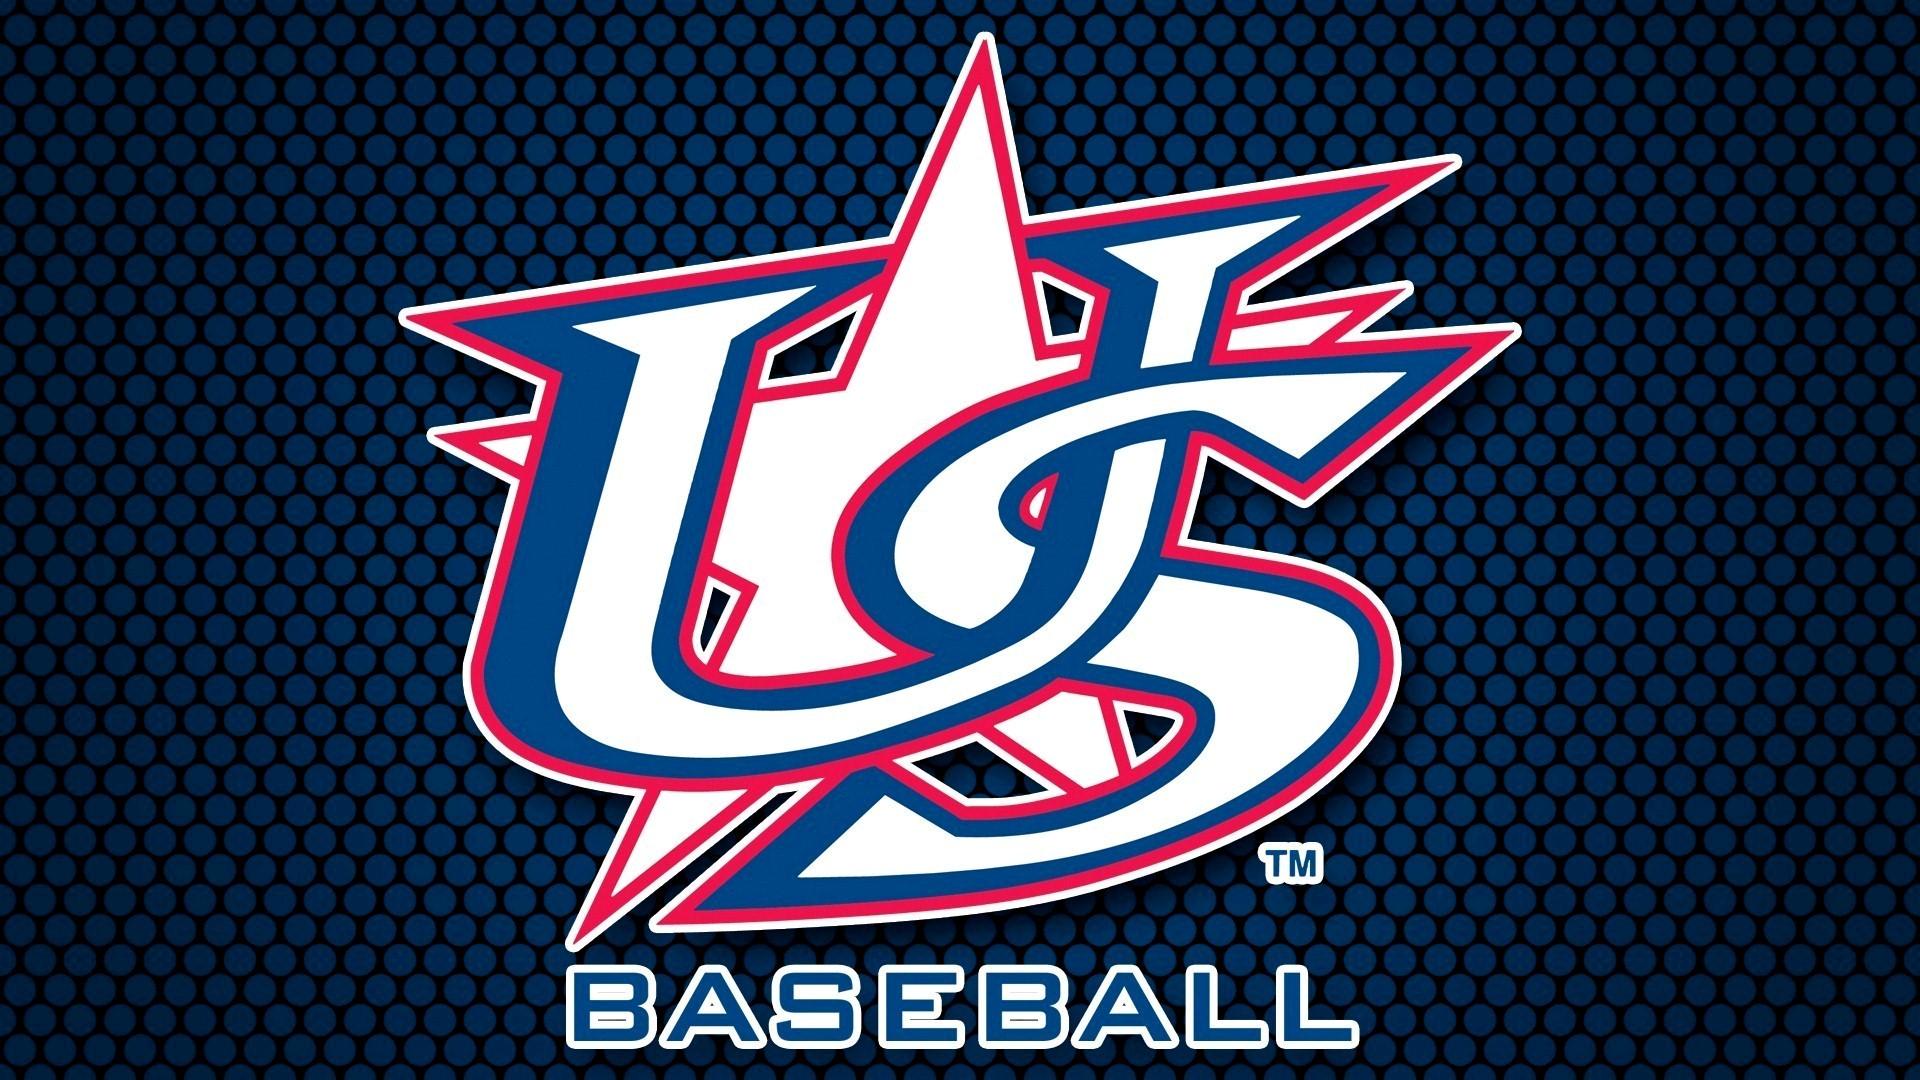 USA Baseball Logo HD Wallpapers 1920x1080